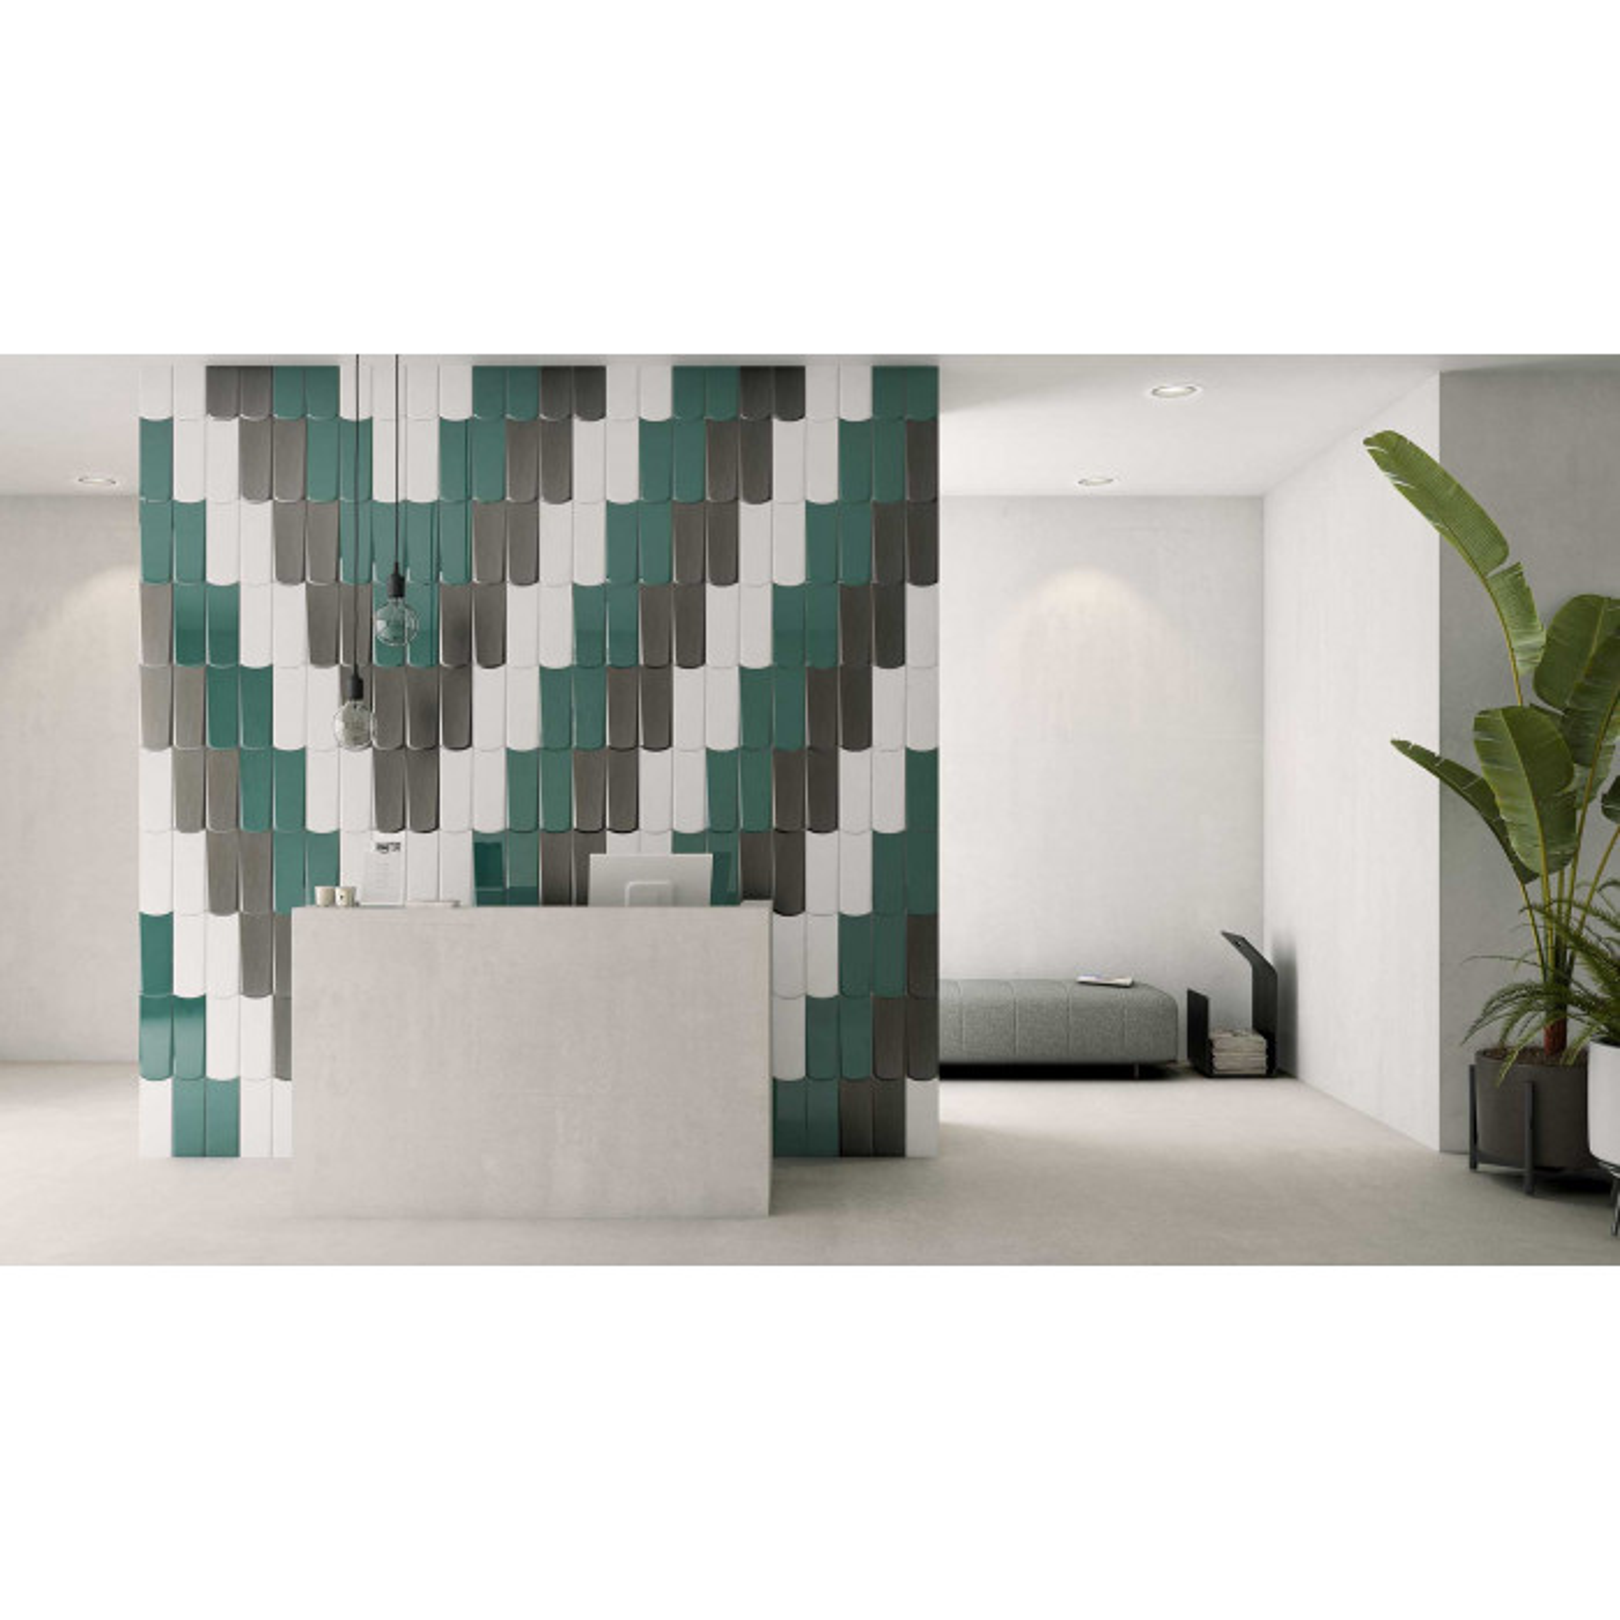 Carrelage mural faïence Boho Tear 25x10cm (7 couleurs + un décor)